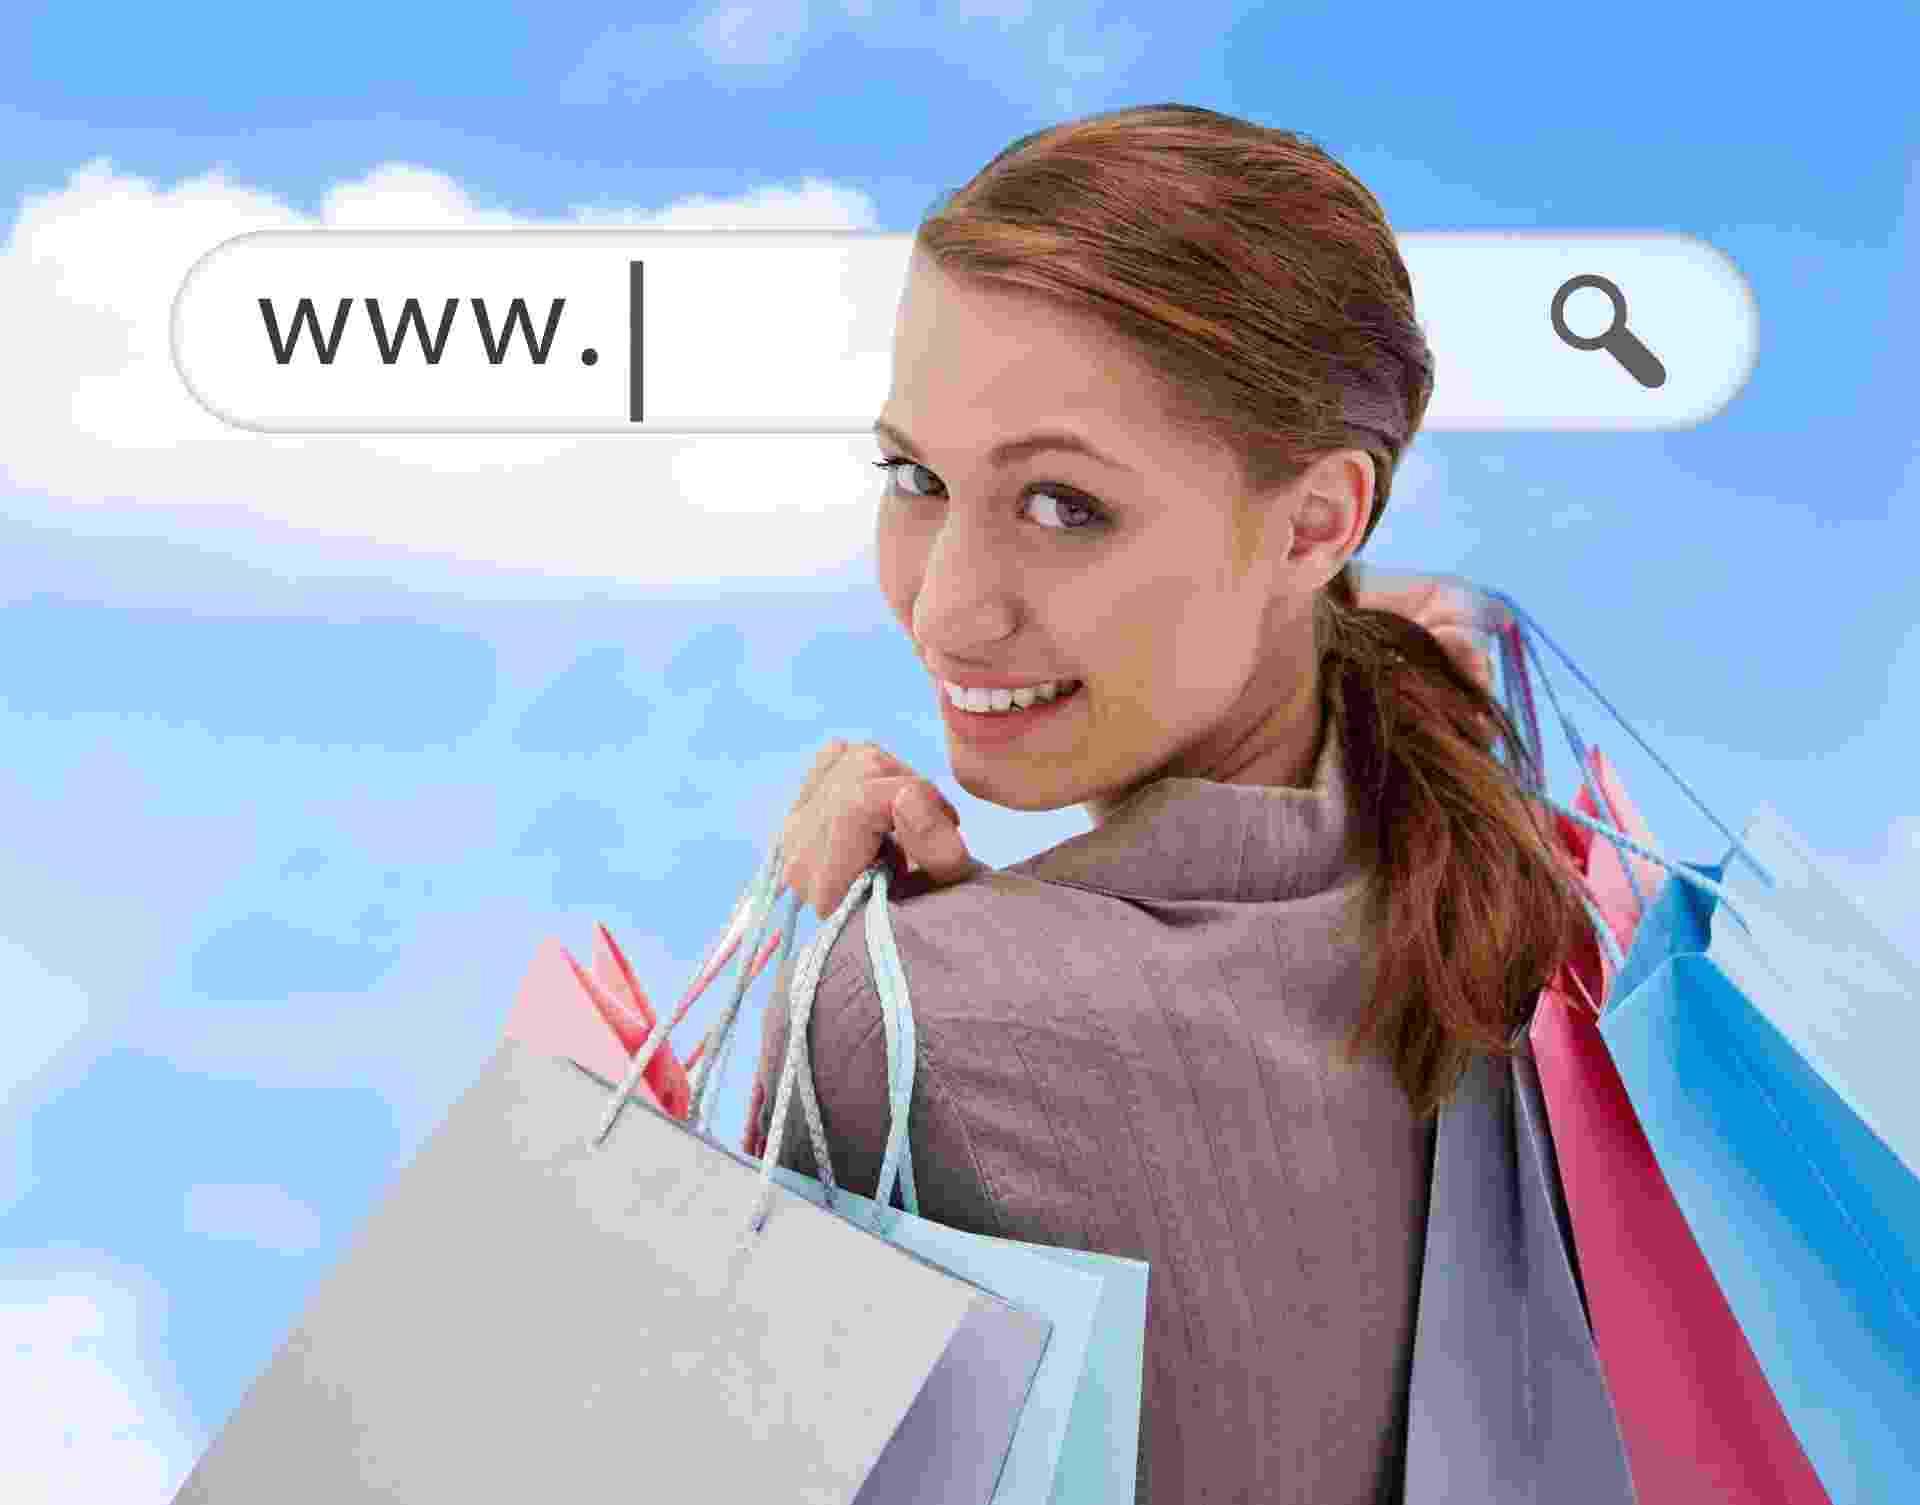 Mulher olha sobre o ombro com sacolas de compras; e-commerce, internet, compras pela internet, loja virtual - Getty Images